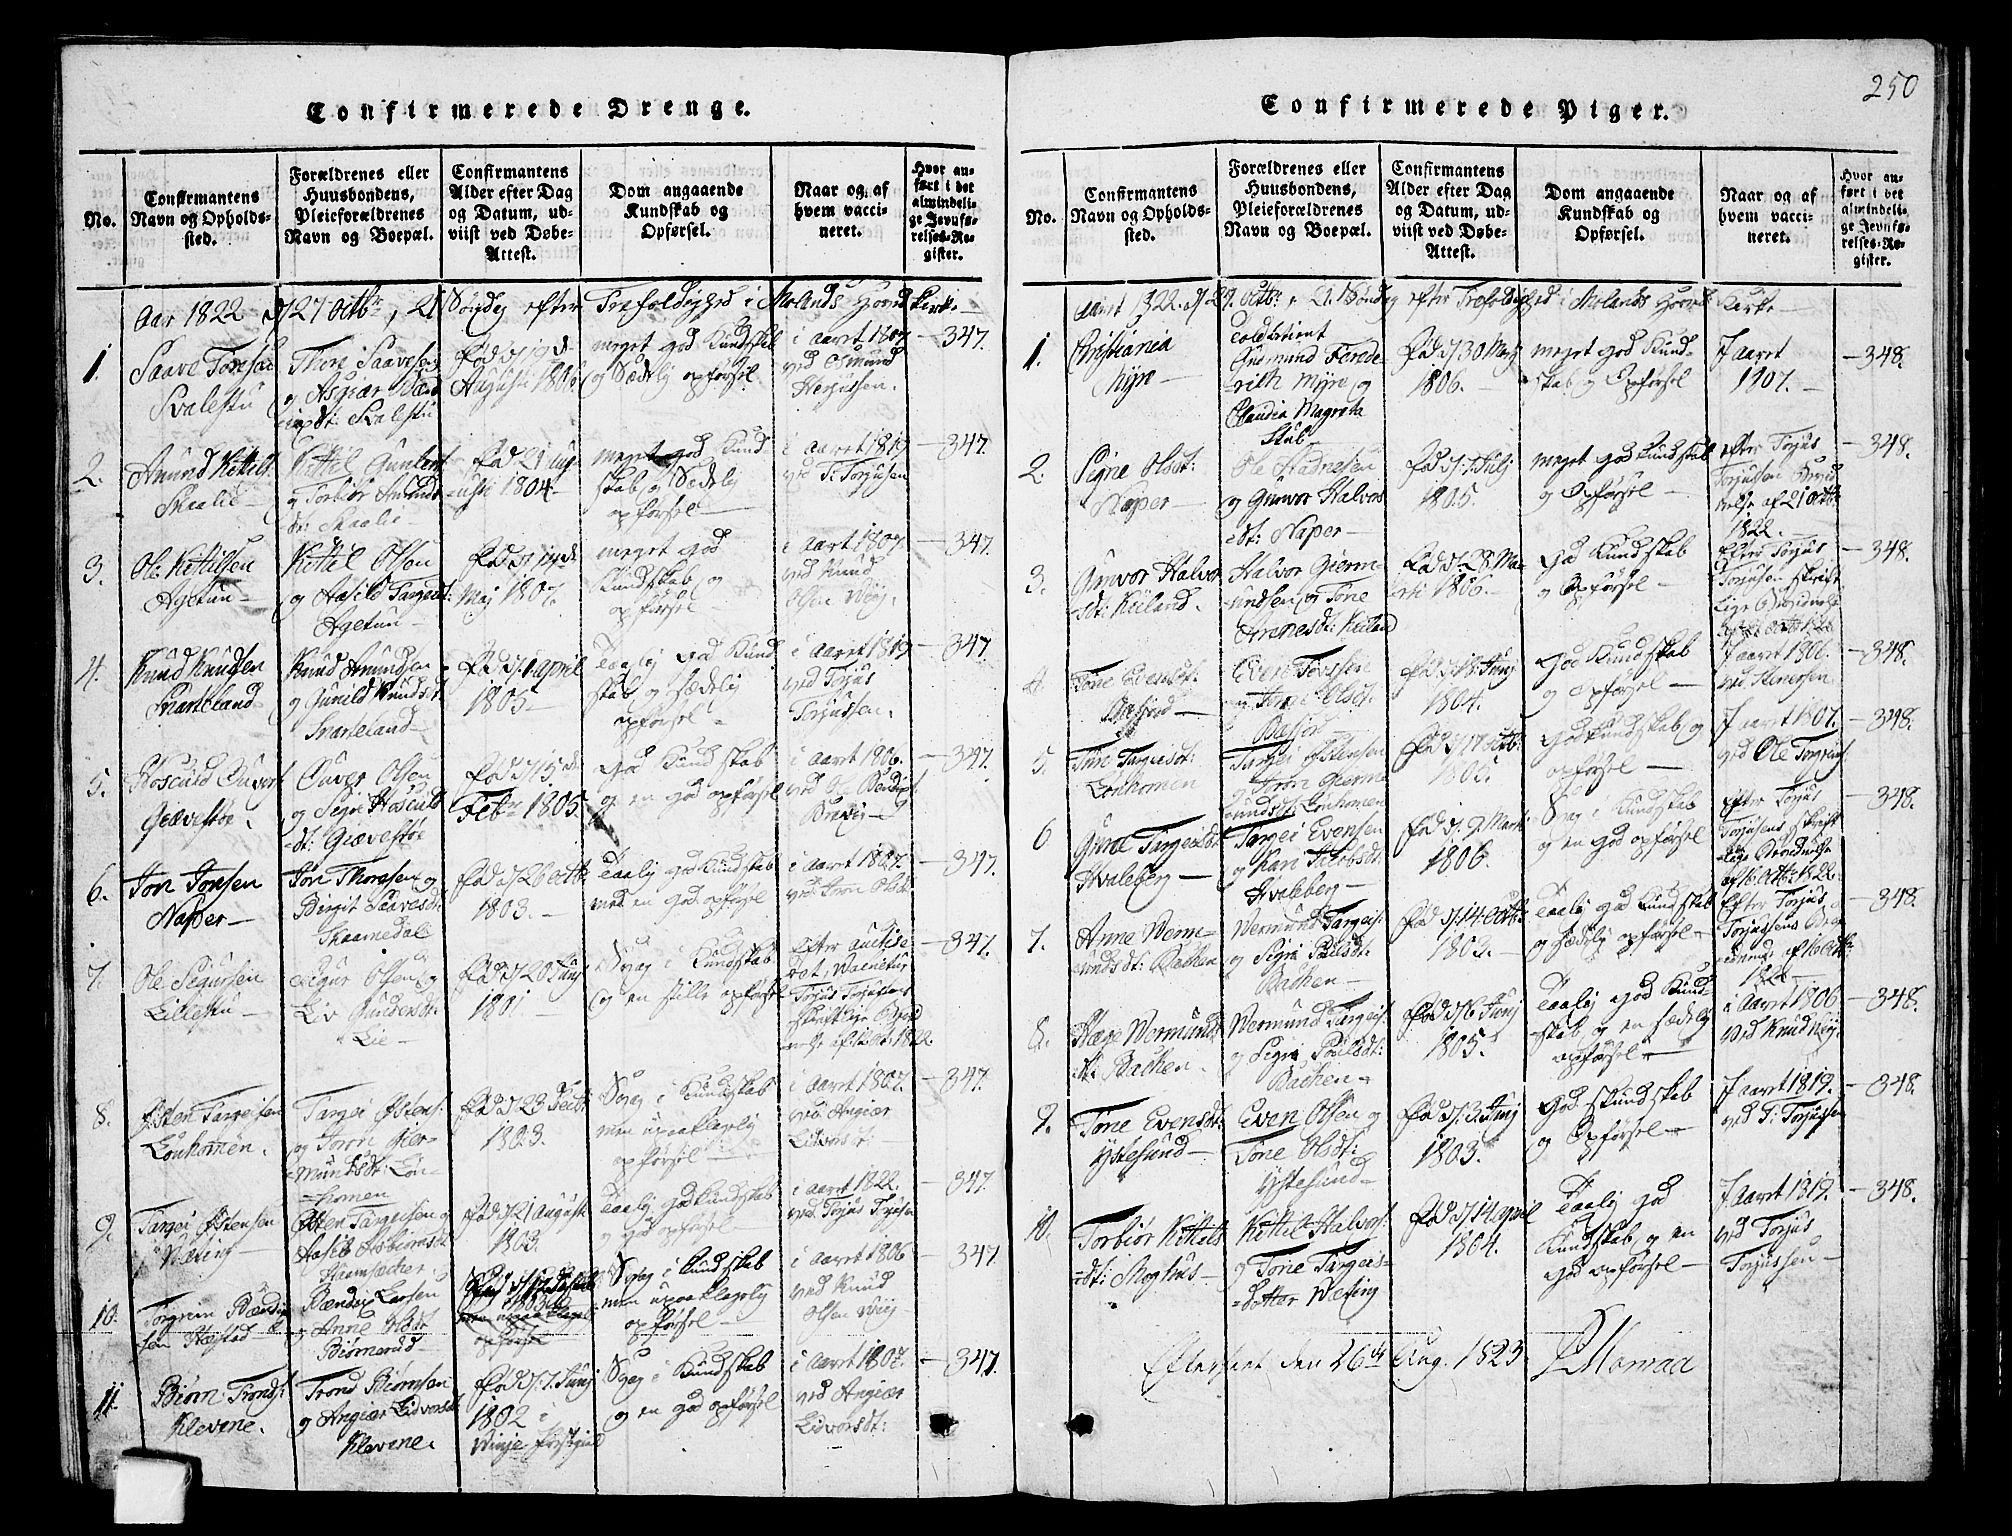 SAKO, Fyresdal kirkebøker, G/Ga/L0001: Klokkerbok nr. I 1, 1816-1840, s. 250